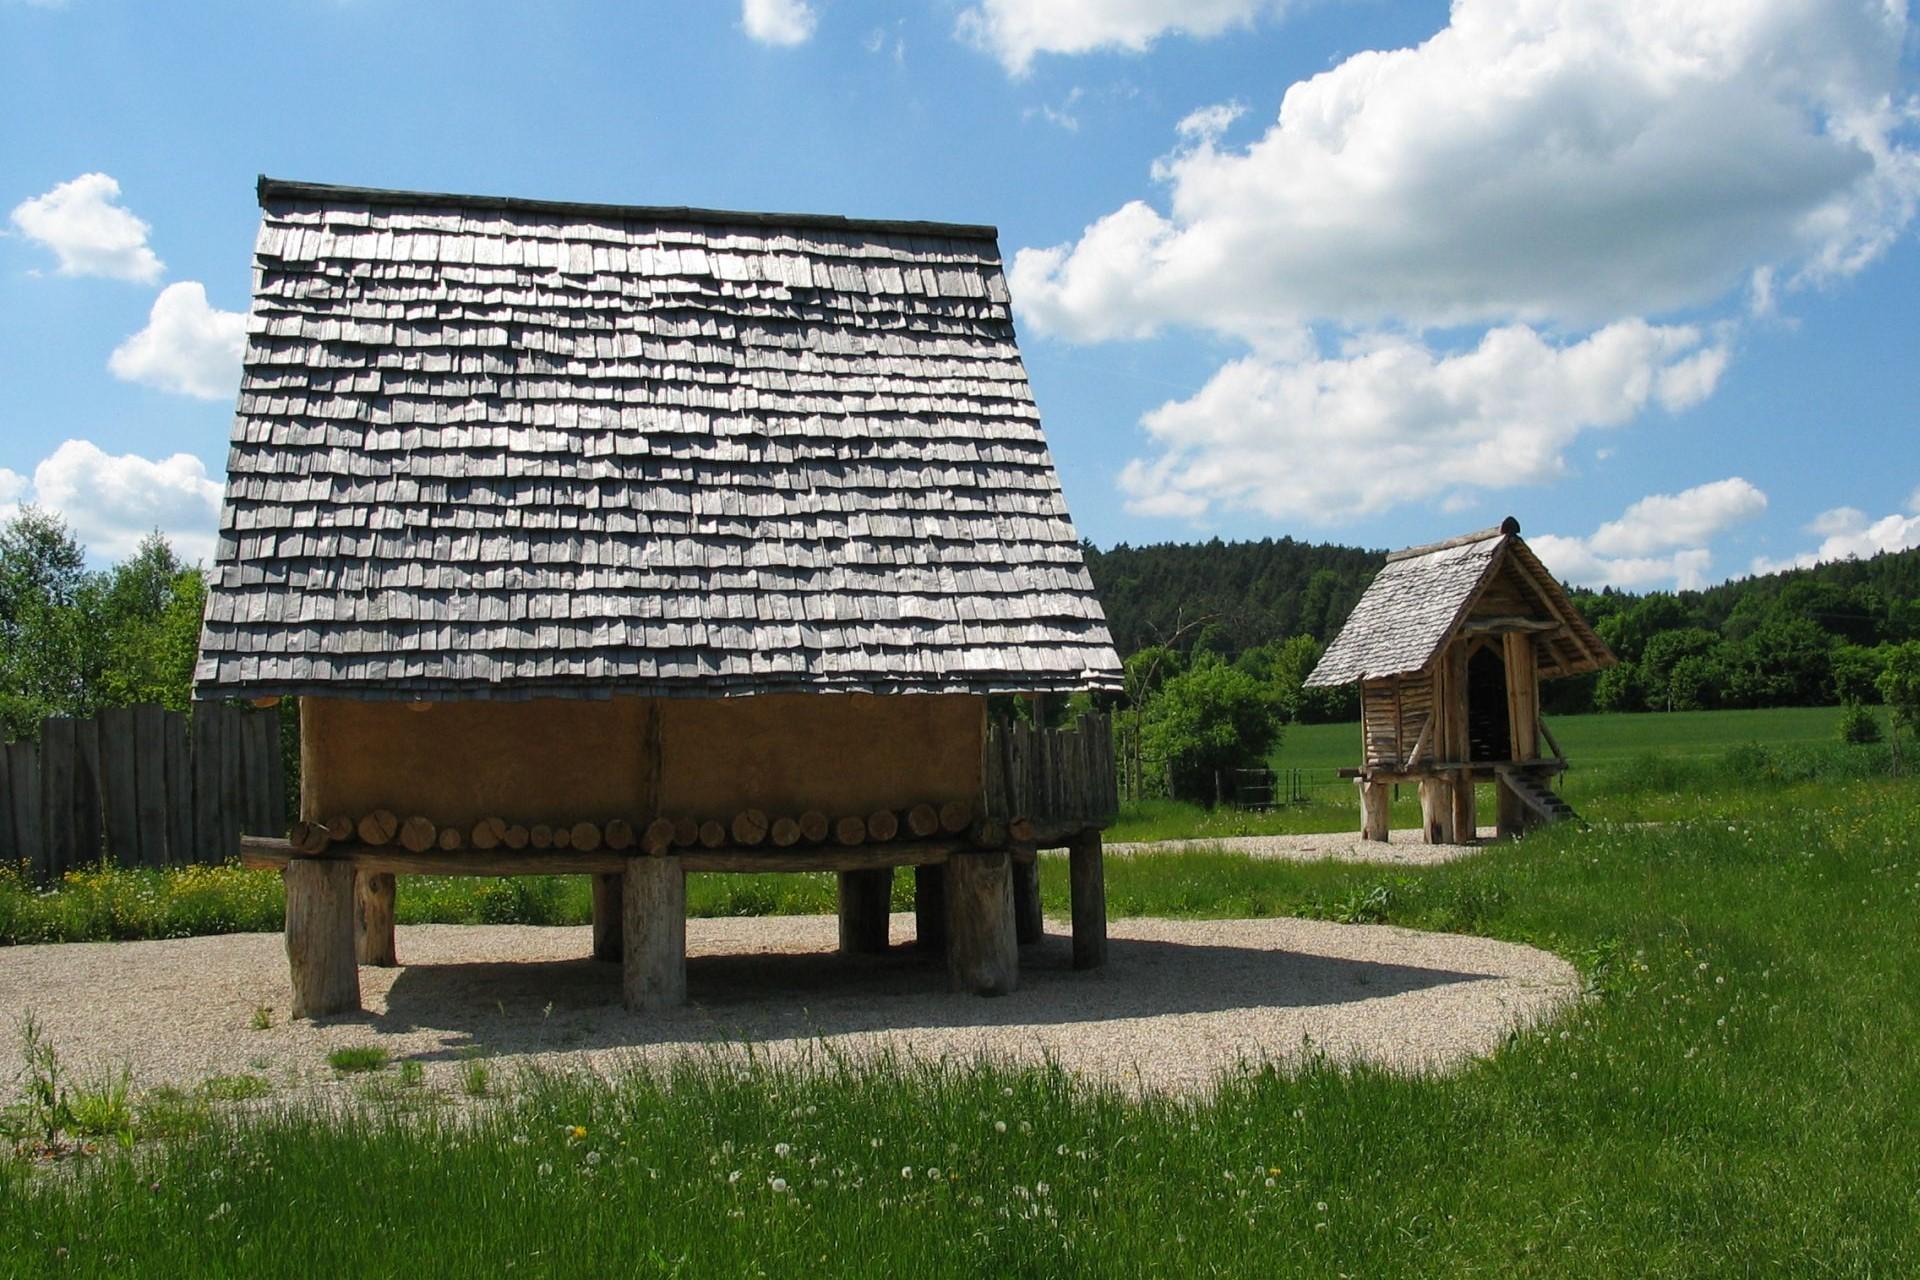 Archäologiepark Altmühltal - Station 13. Eisenzeitliches Gehöft bei Riedenburg